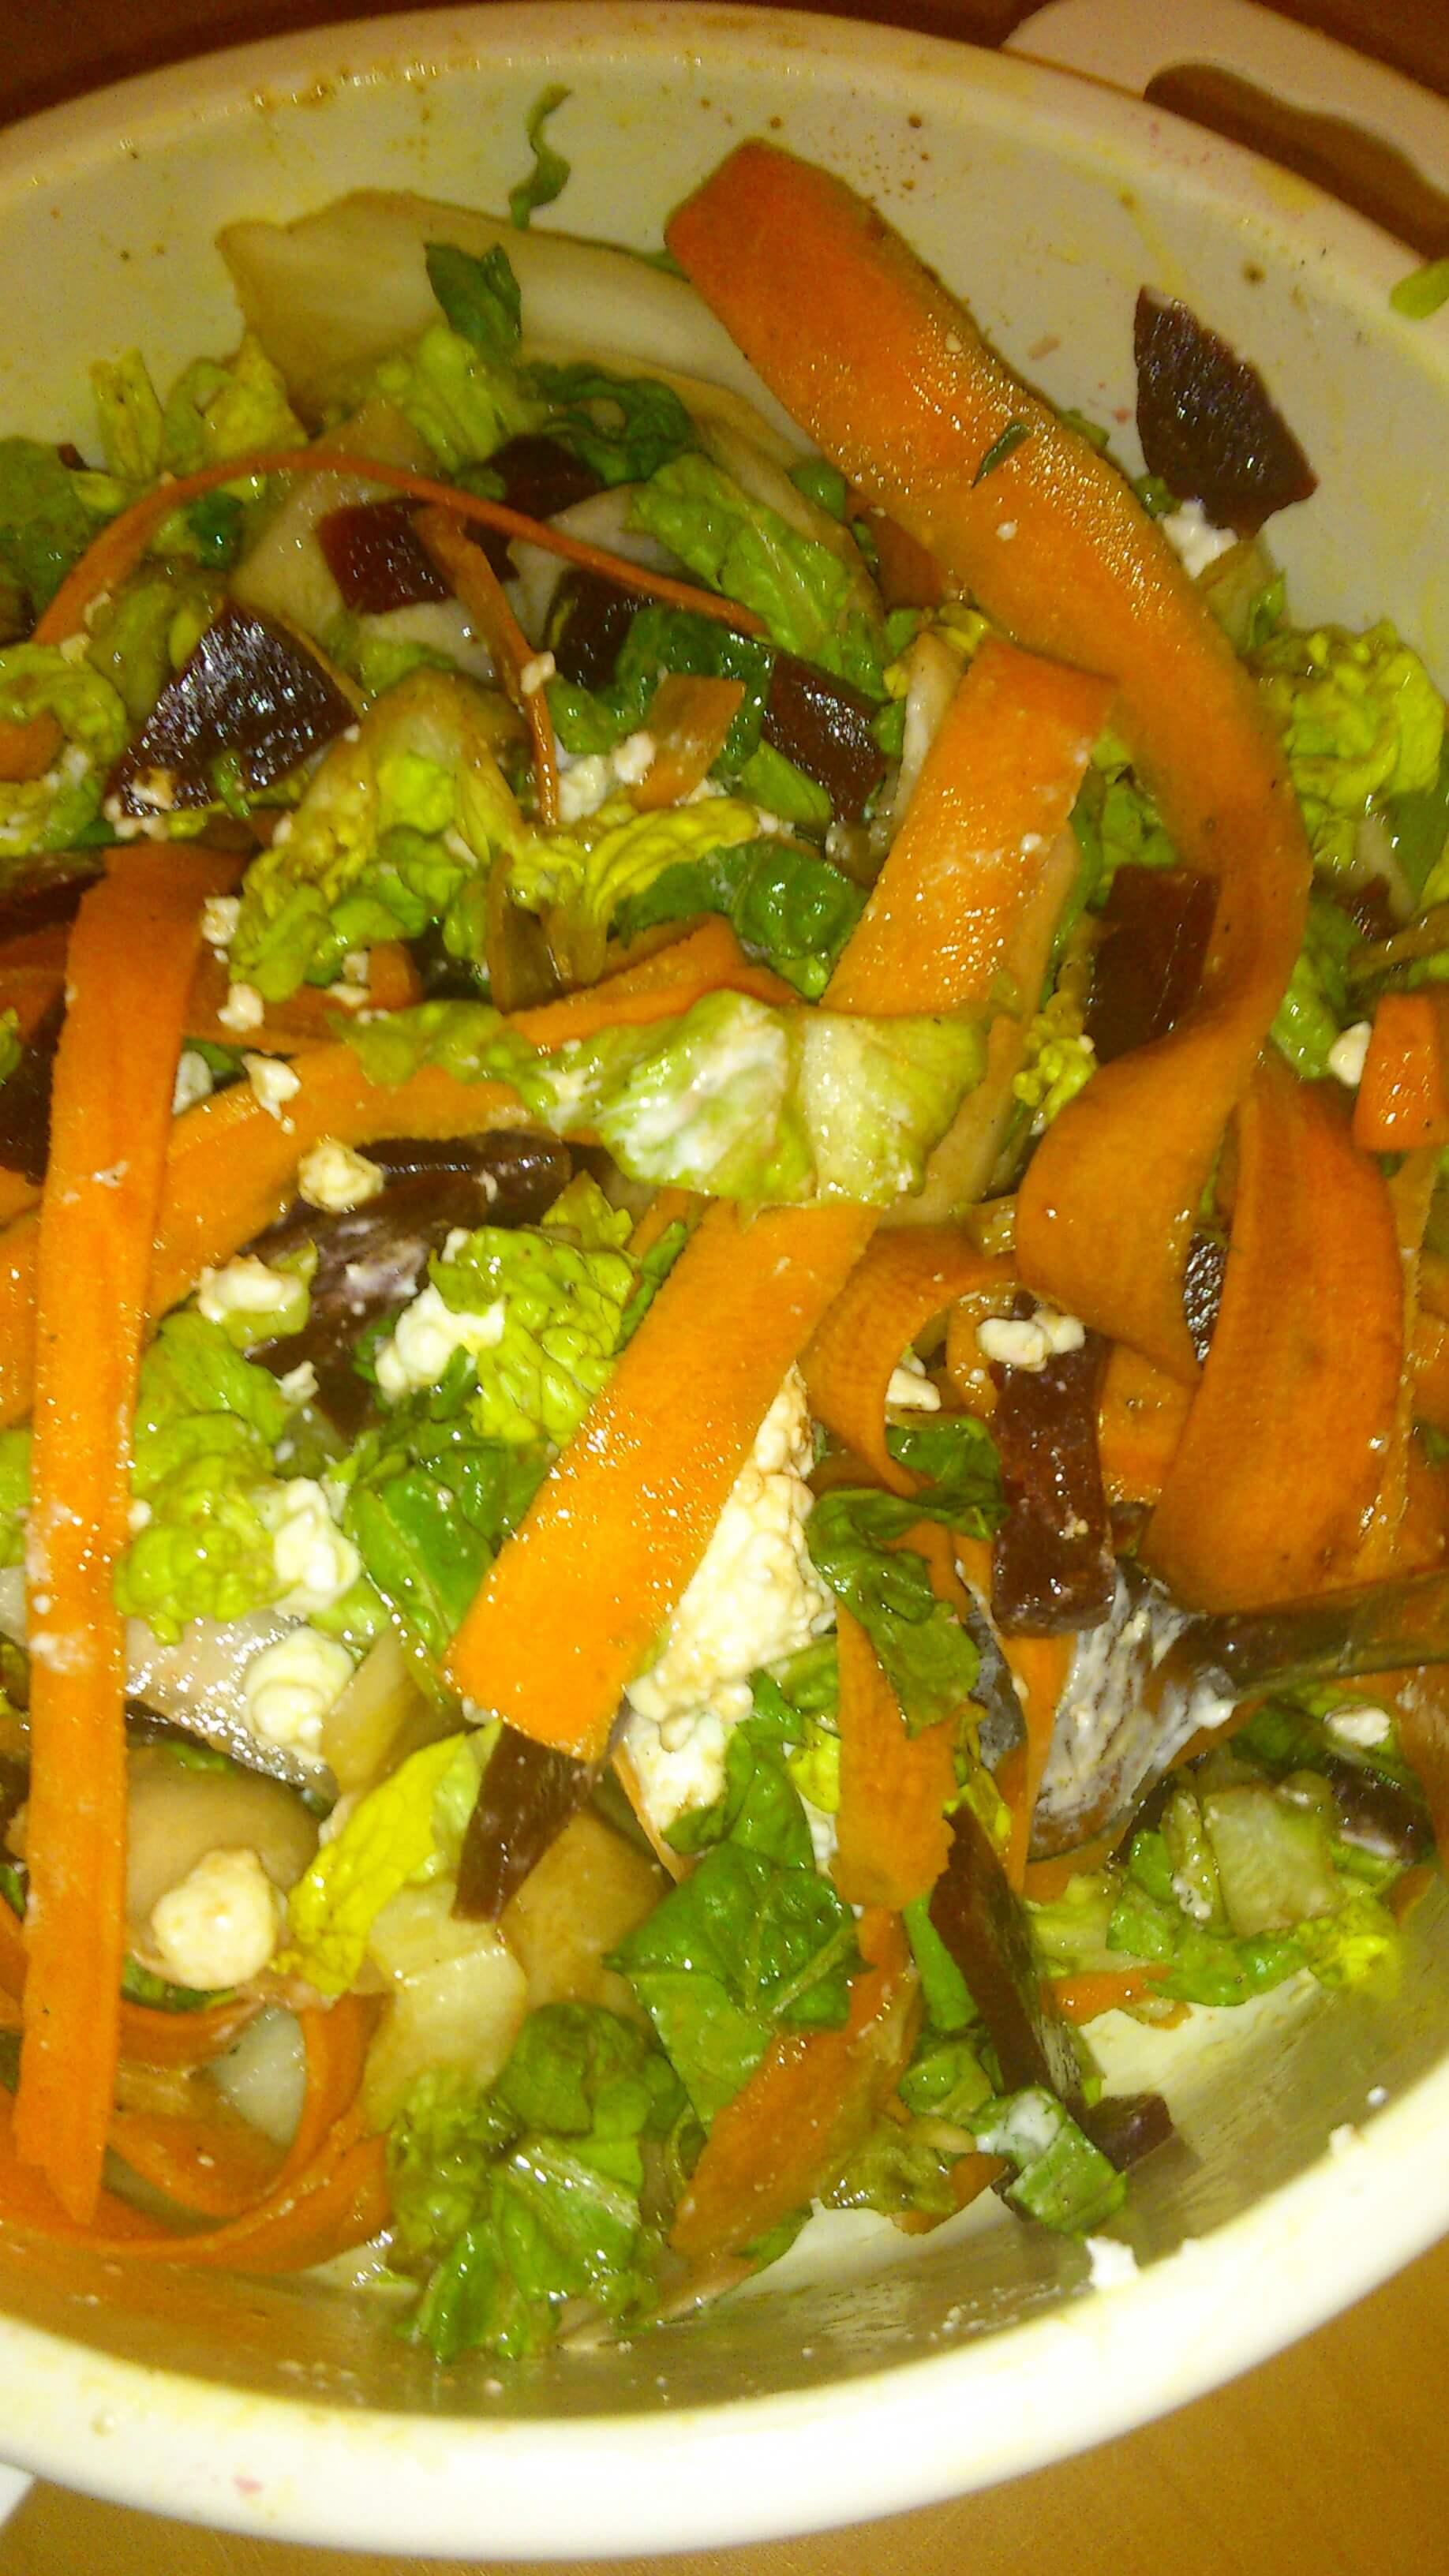 Ernährung | Salat mit Möhren (c) familienfreund.de